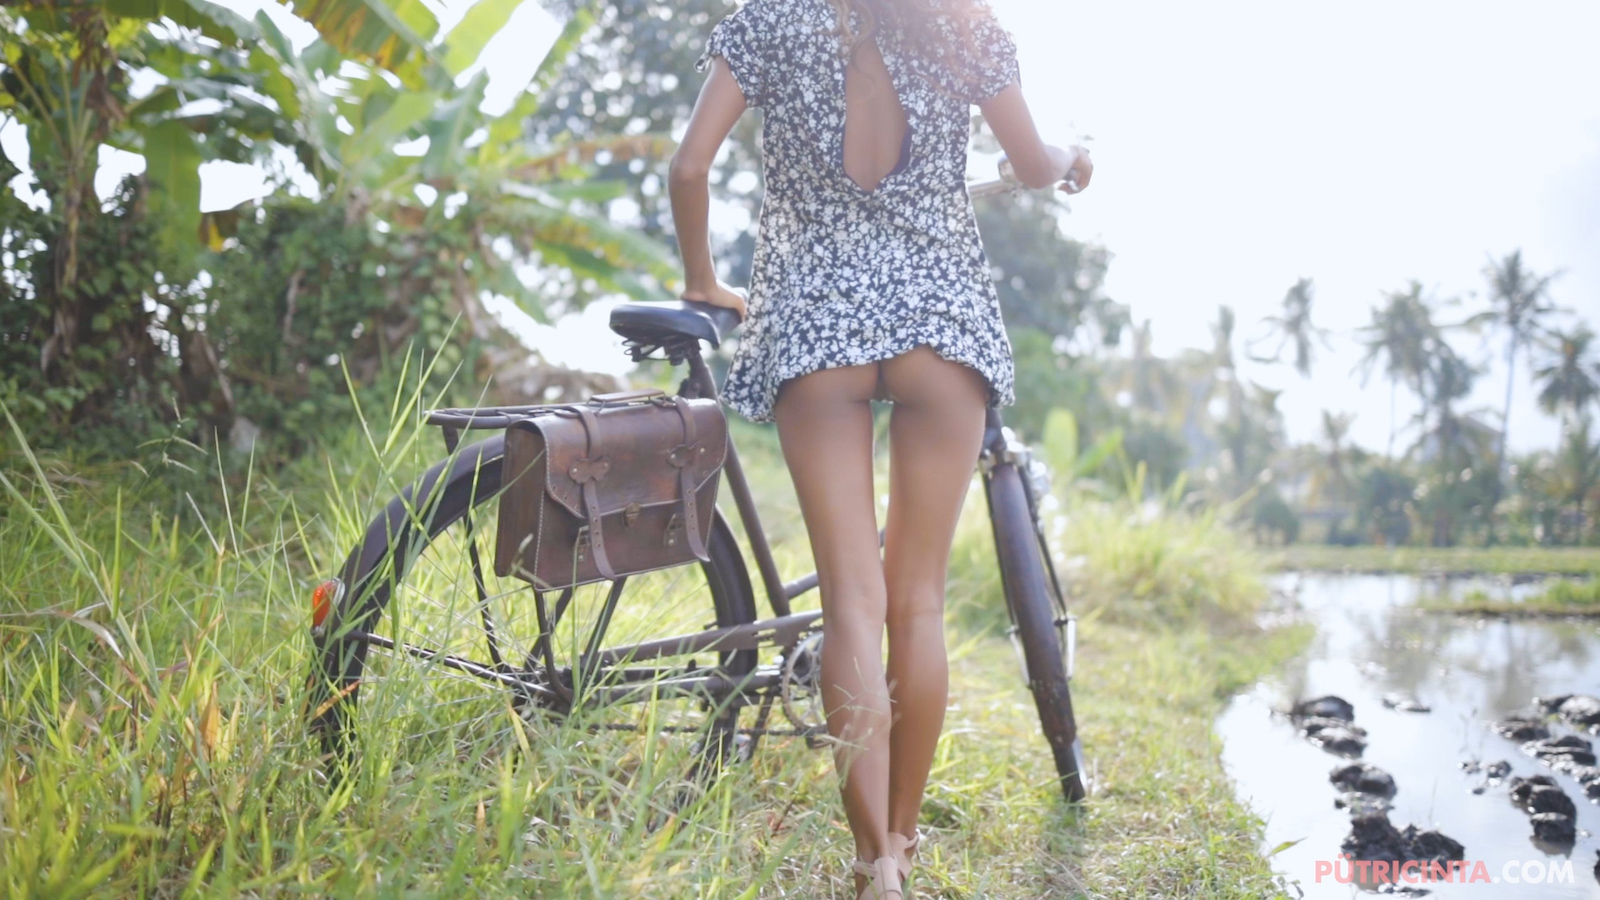 024-cyclingcommando-Putri-Cinta-Mainvid-stills-38.jpg